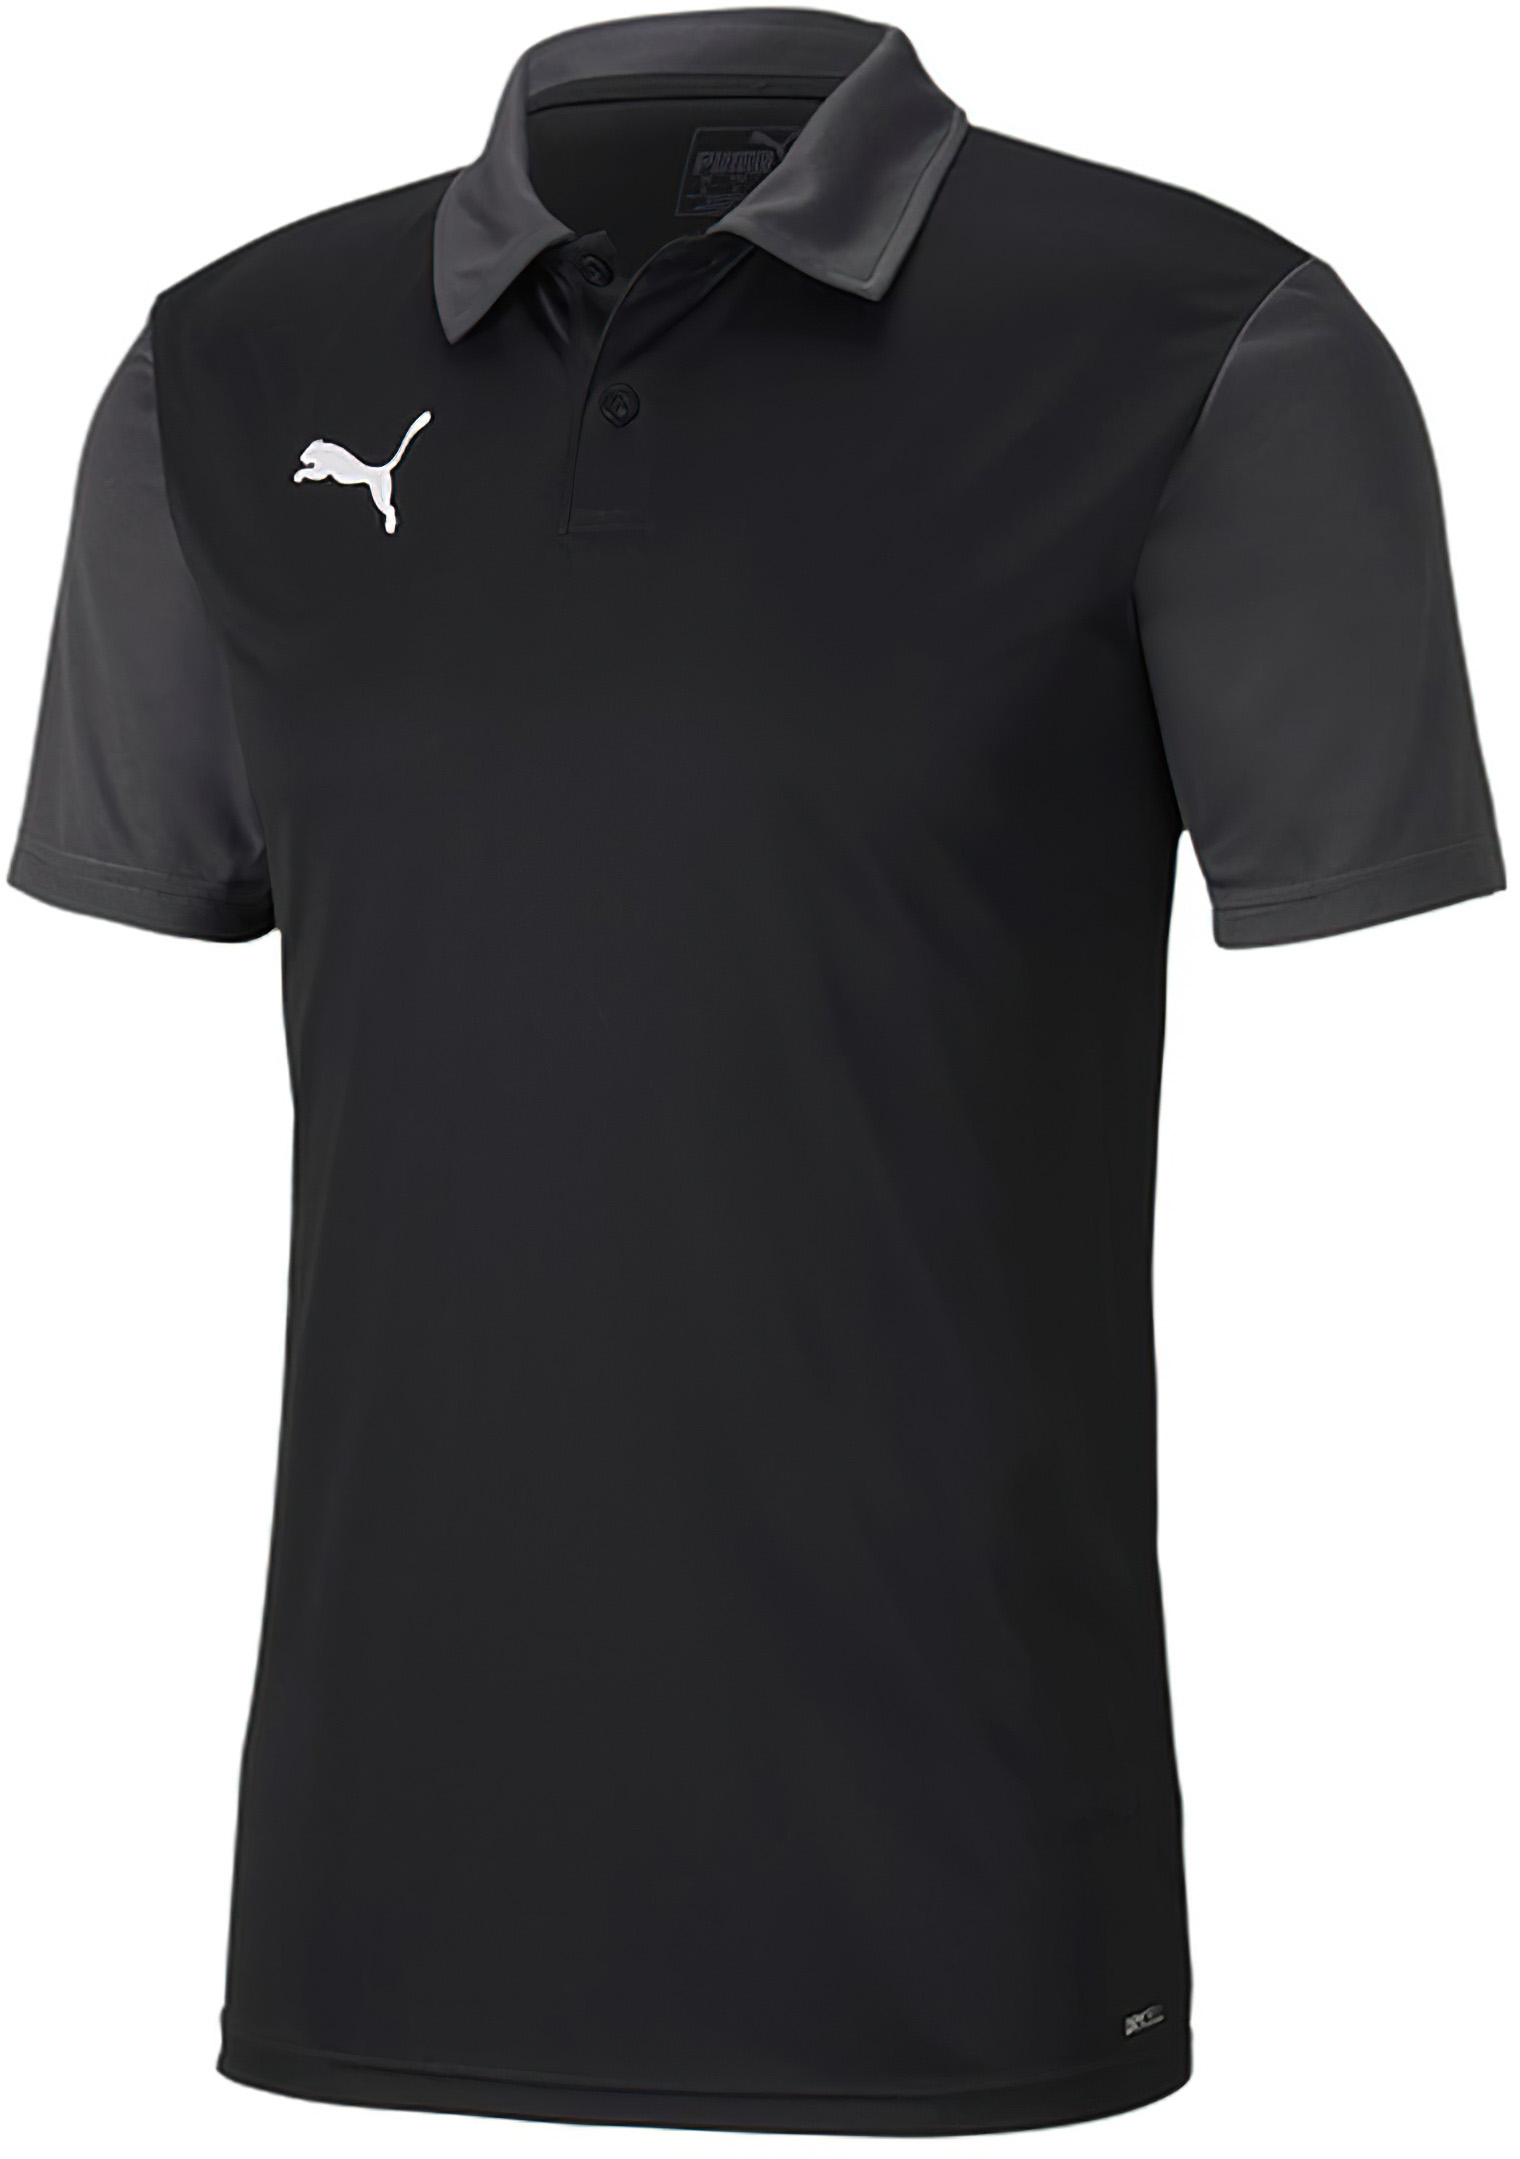 Pánský fotbalový dres Puma teamGoal Sideline Polo